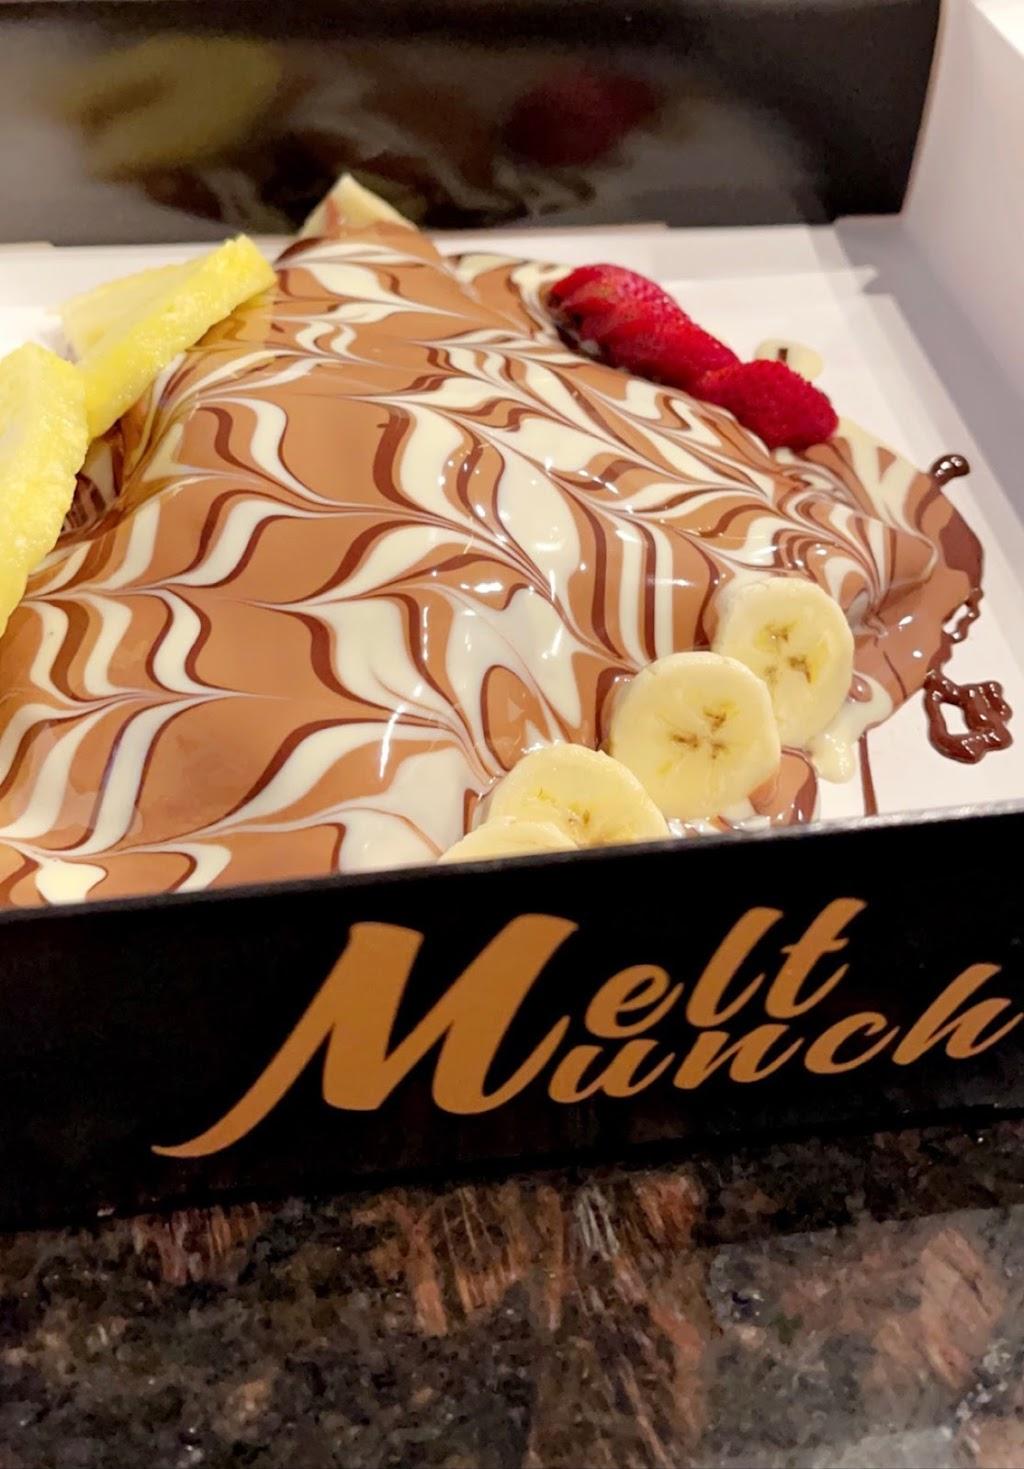 Melt Munch | restaurant | 7024 W 111th St, Worth, IL 60482, USA | 7086718886 OR +1 708-671-8886